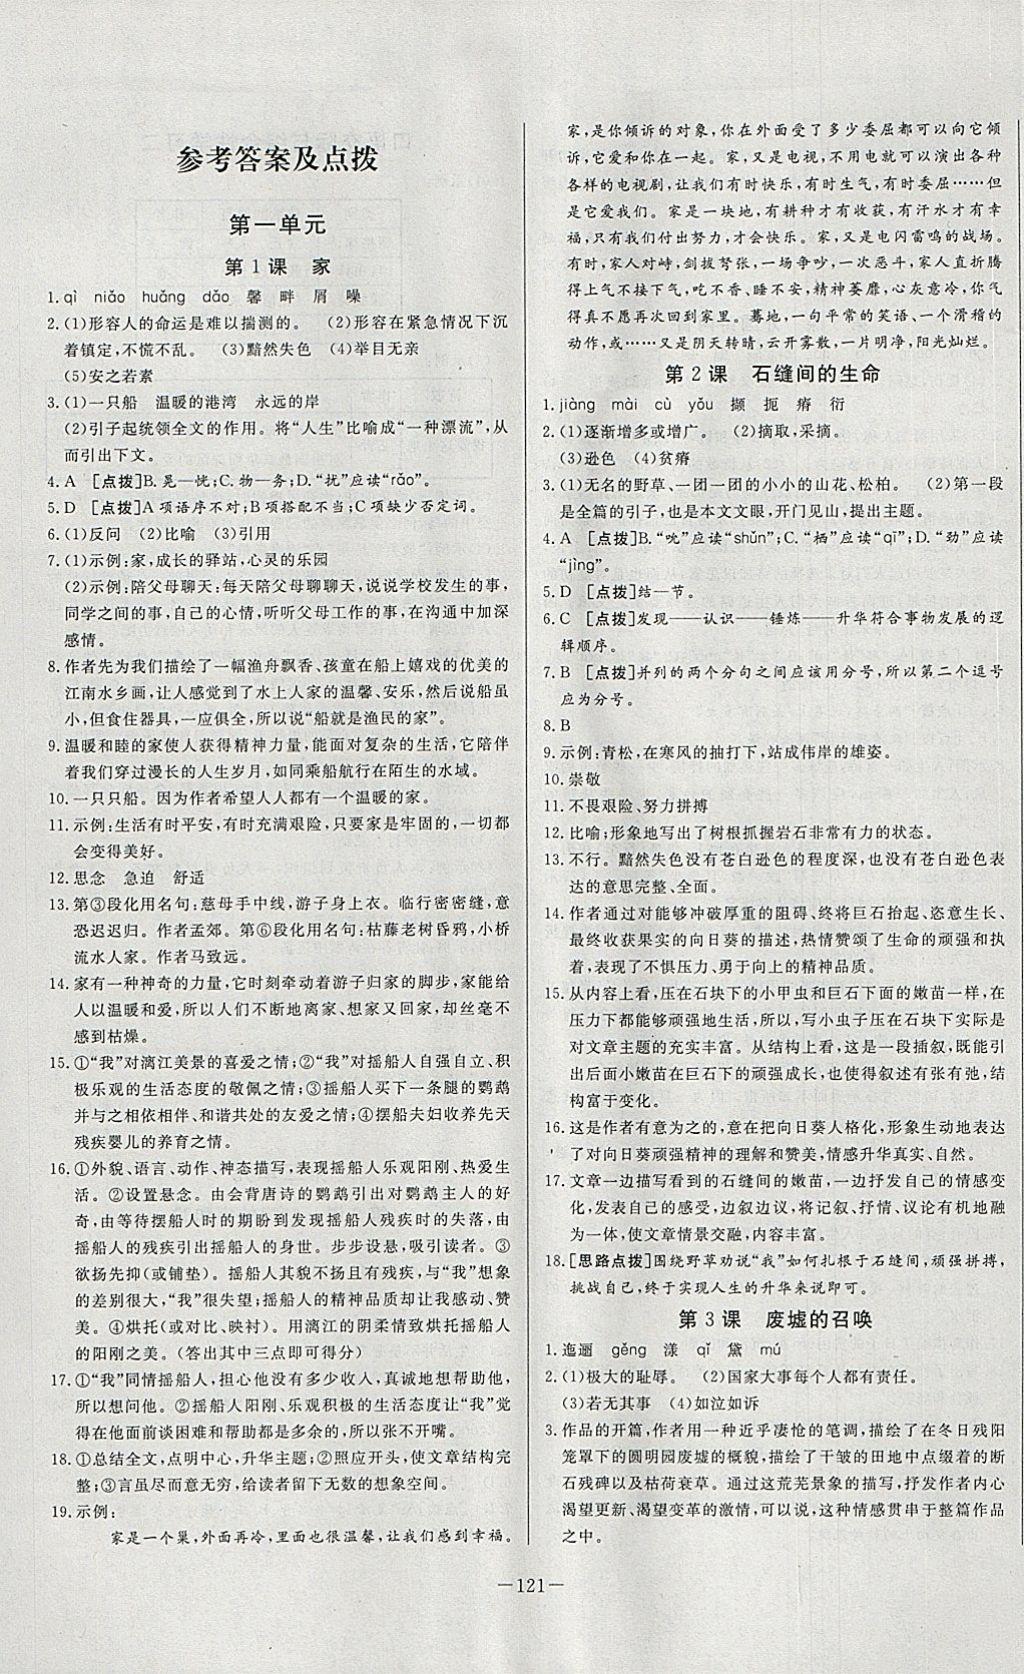 2018年中华题王九年级语文下册语文版参考答案第1页